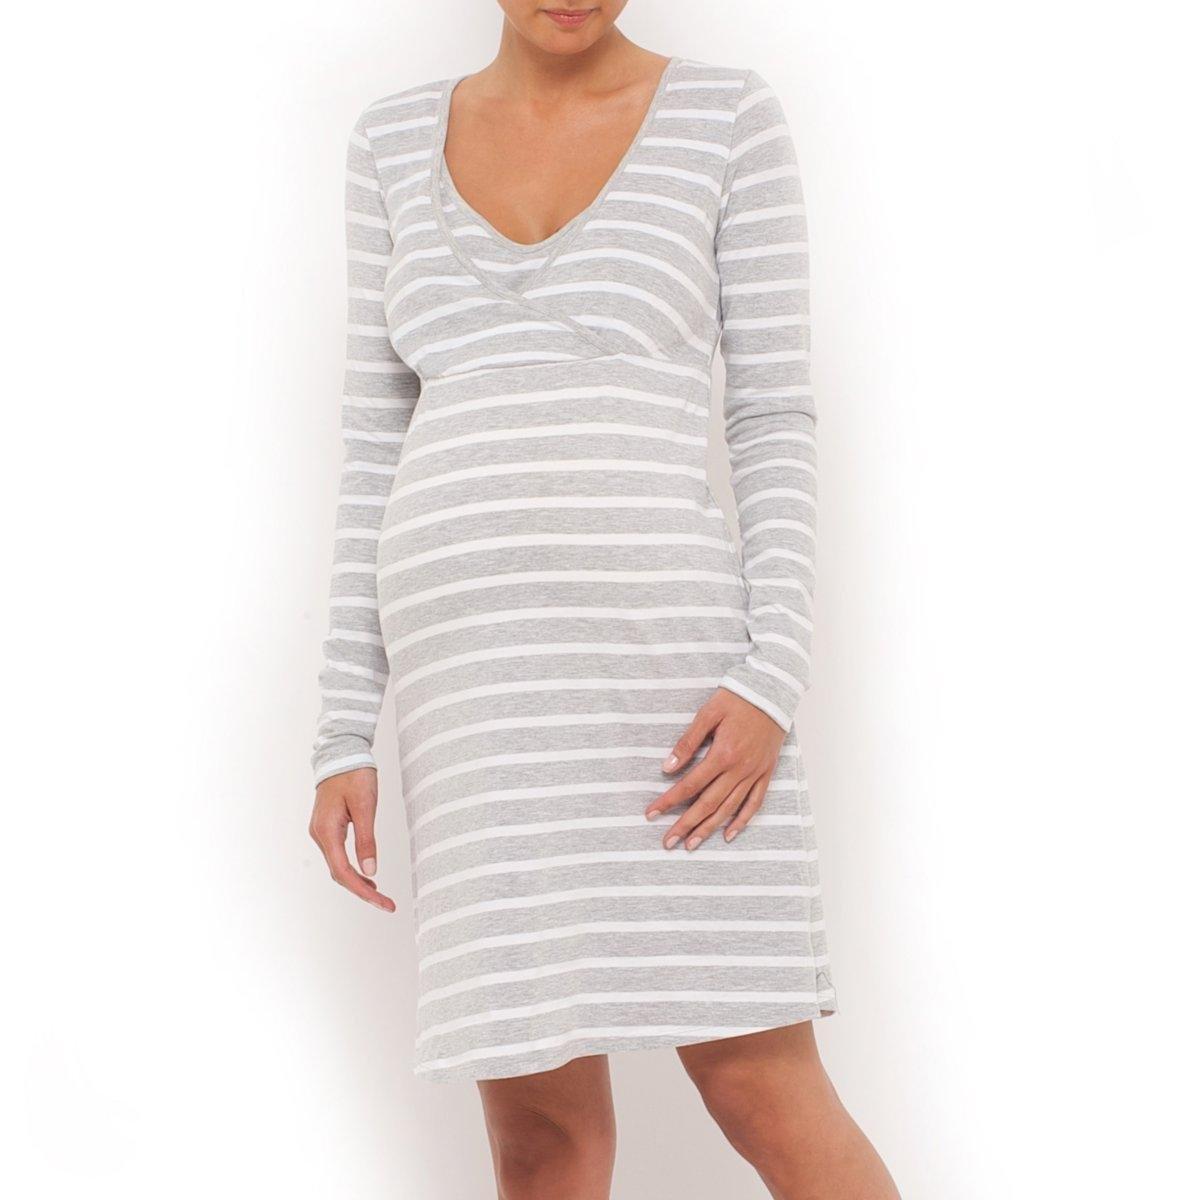 Ночная рубашка для периода беременности и кормления грудью